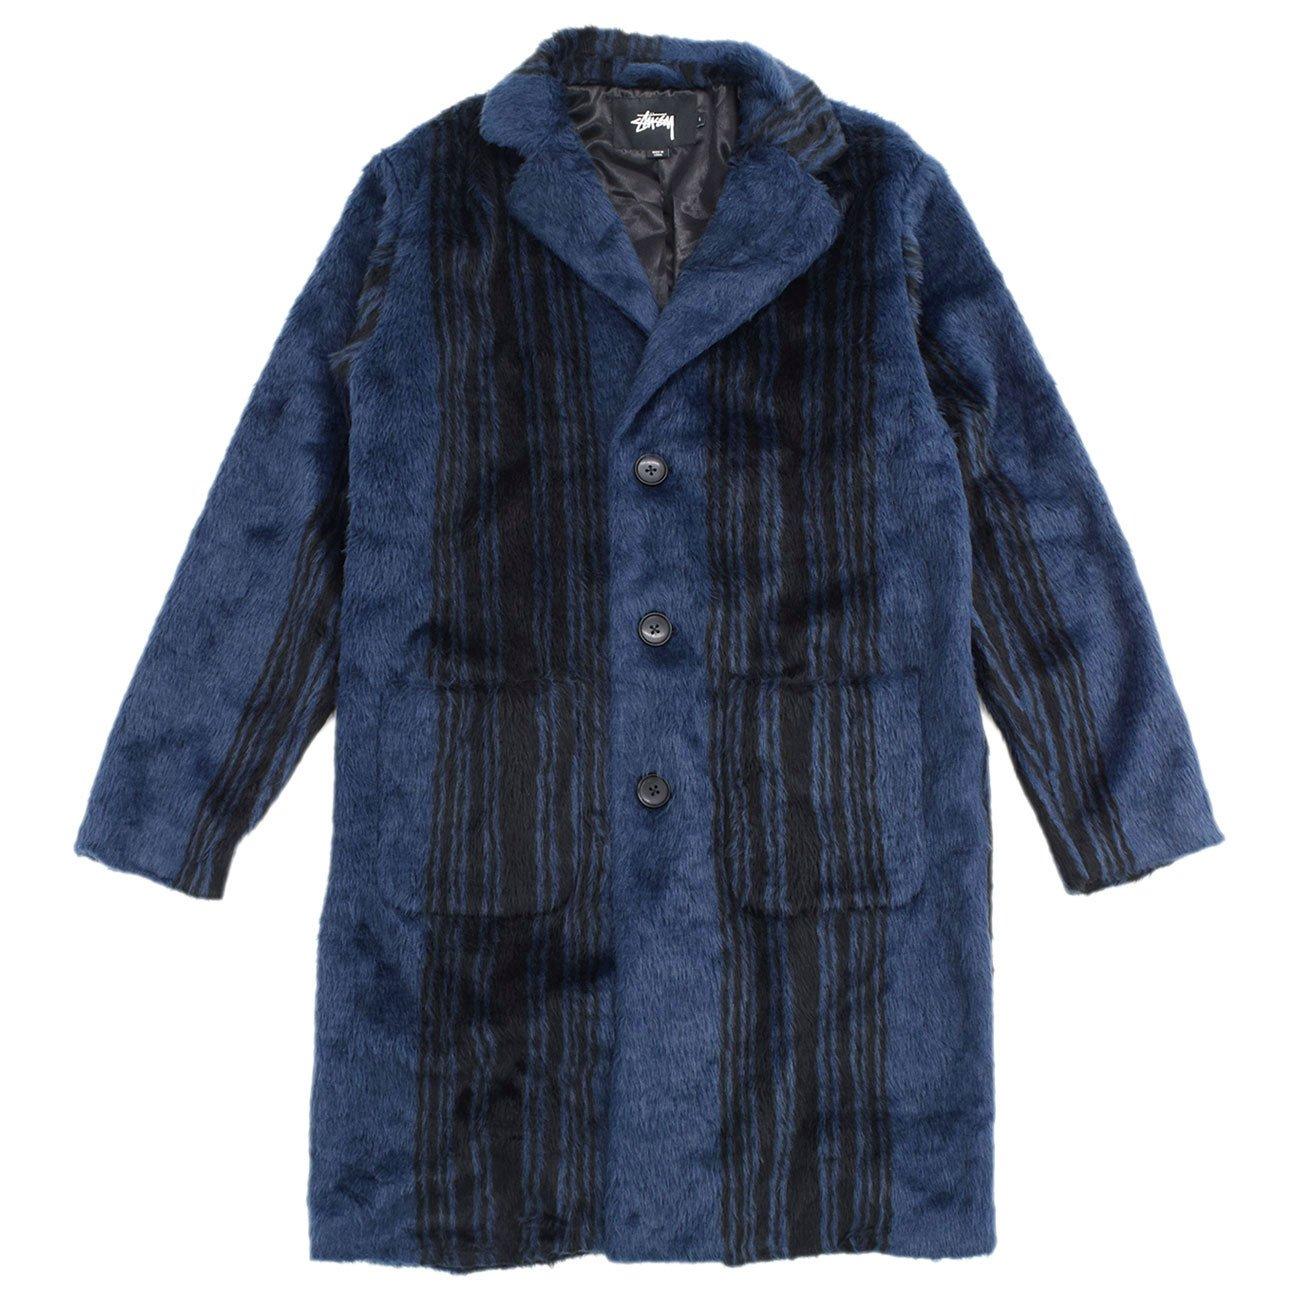 (ステューシー) STUSSY ジャケット メンズ Stripe Overcoat [並行輸入品] B078JF3DPS M ネイビー ネイビー M